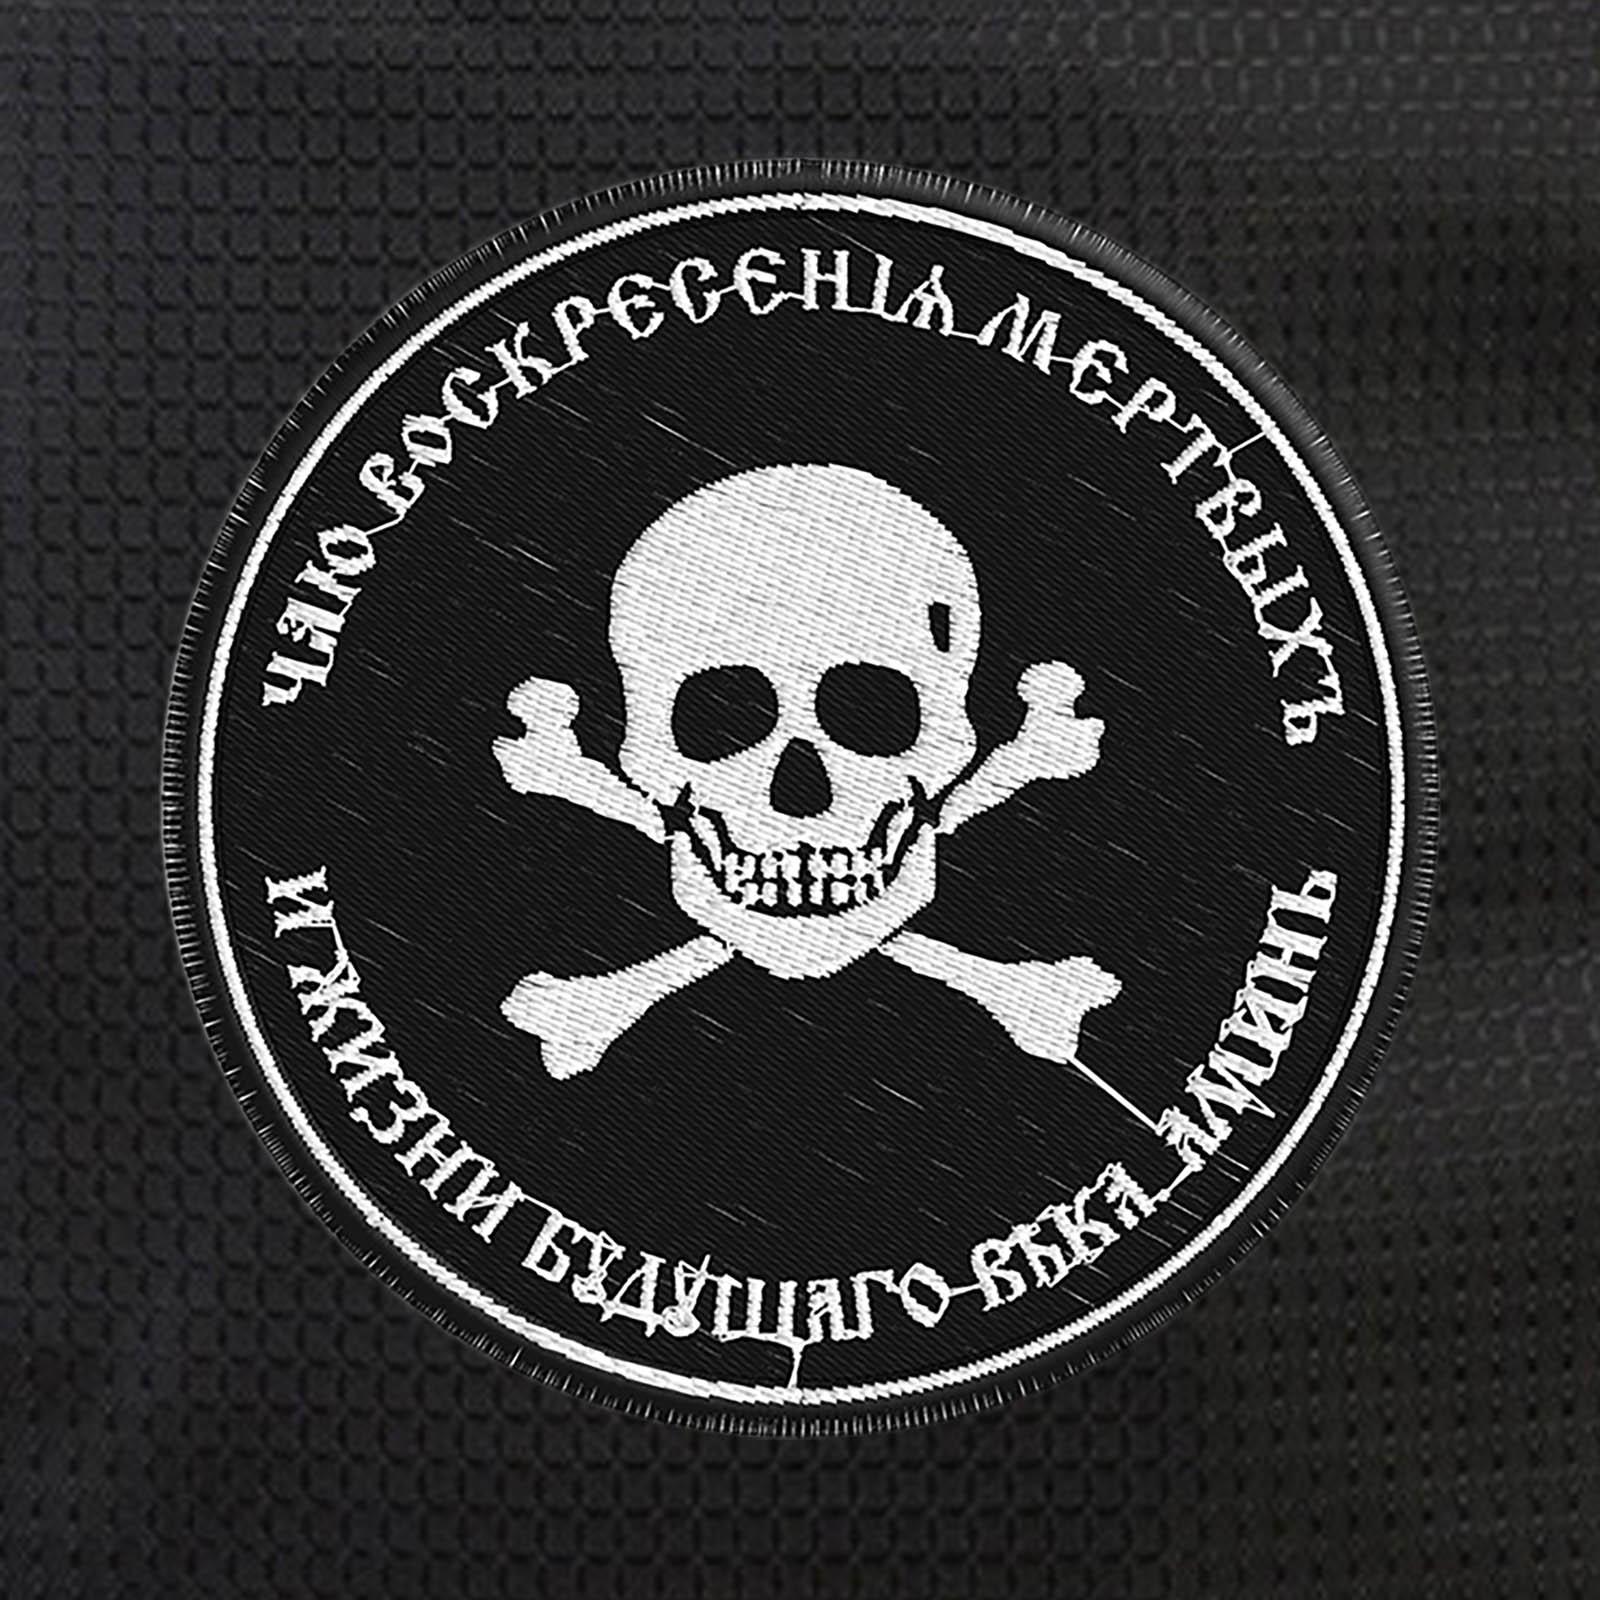 Четкий городской рюкзак с эмблемой генерала Бакланова купить оптом